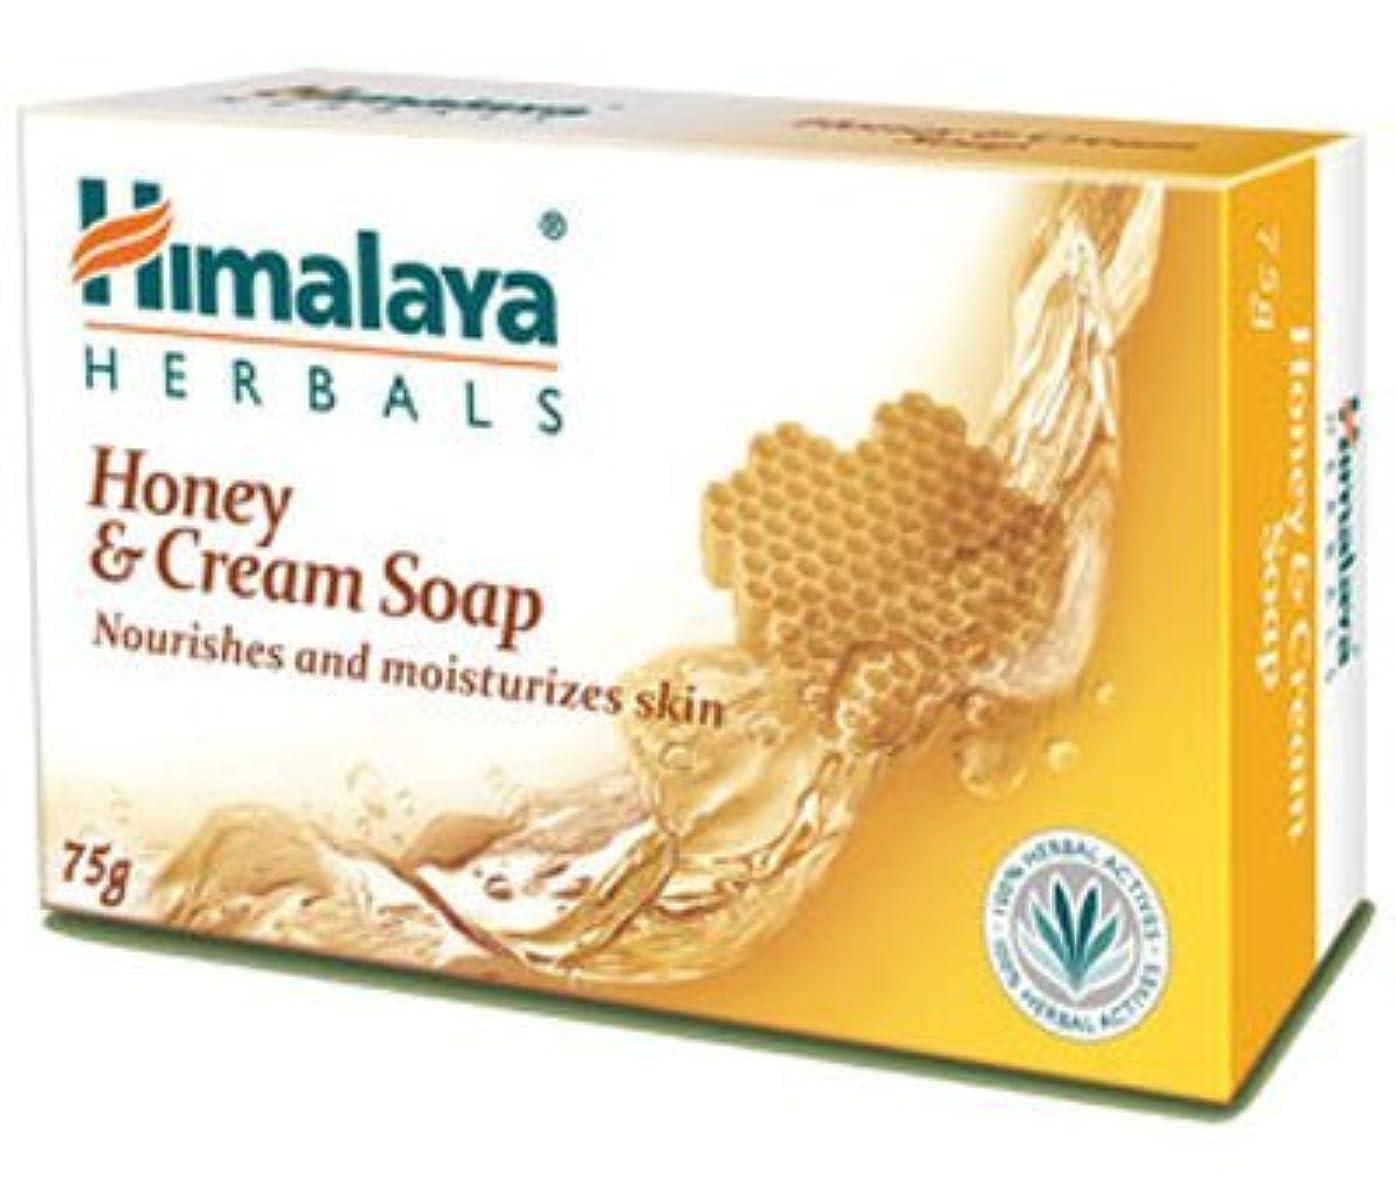 シュガートーストアイザックHimalaya Honey & Cream Soap - 75gm